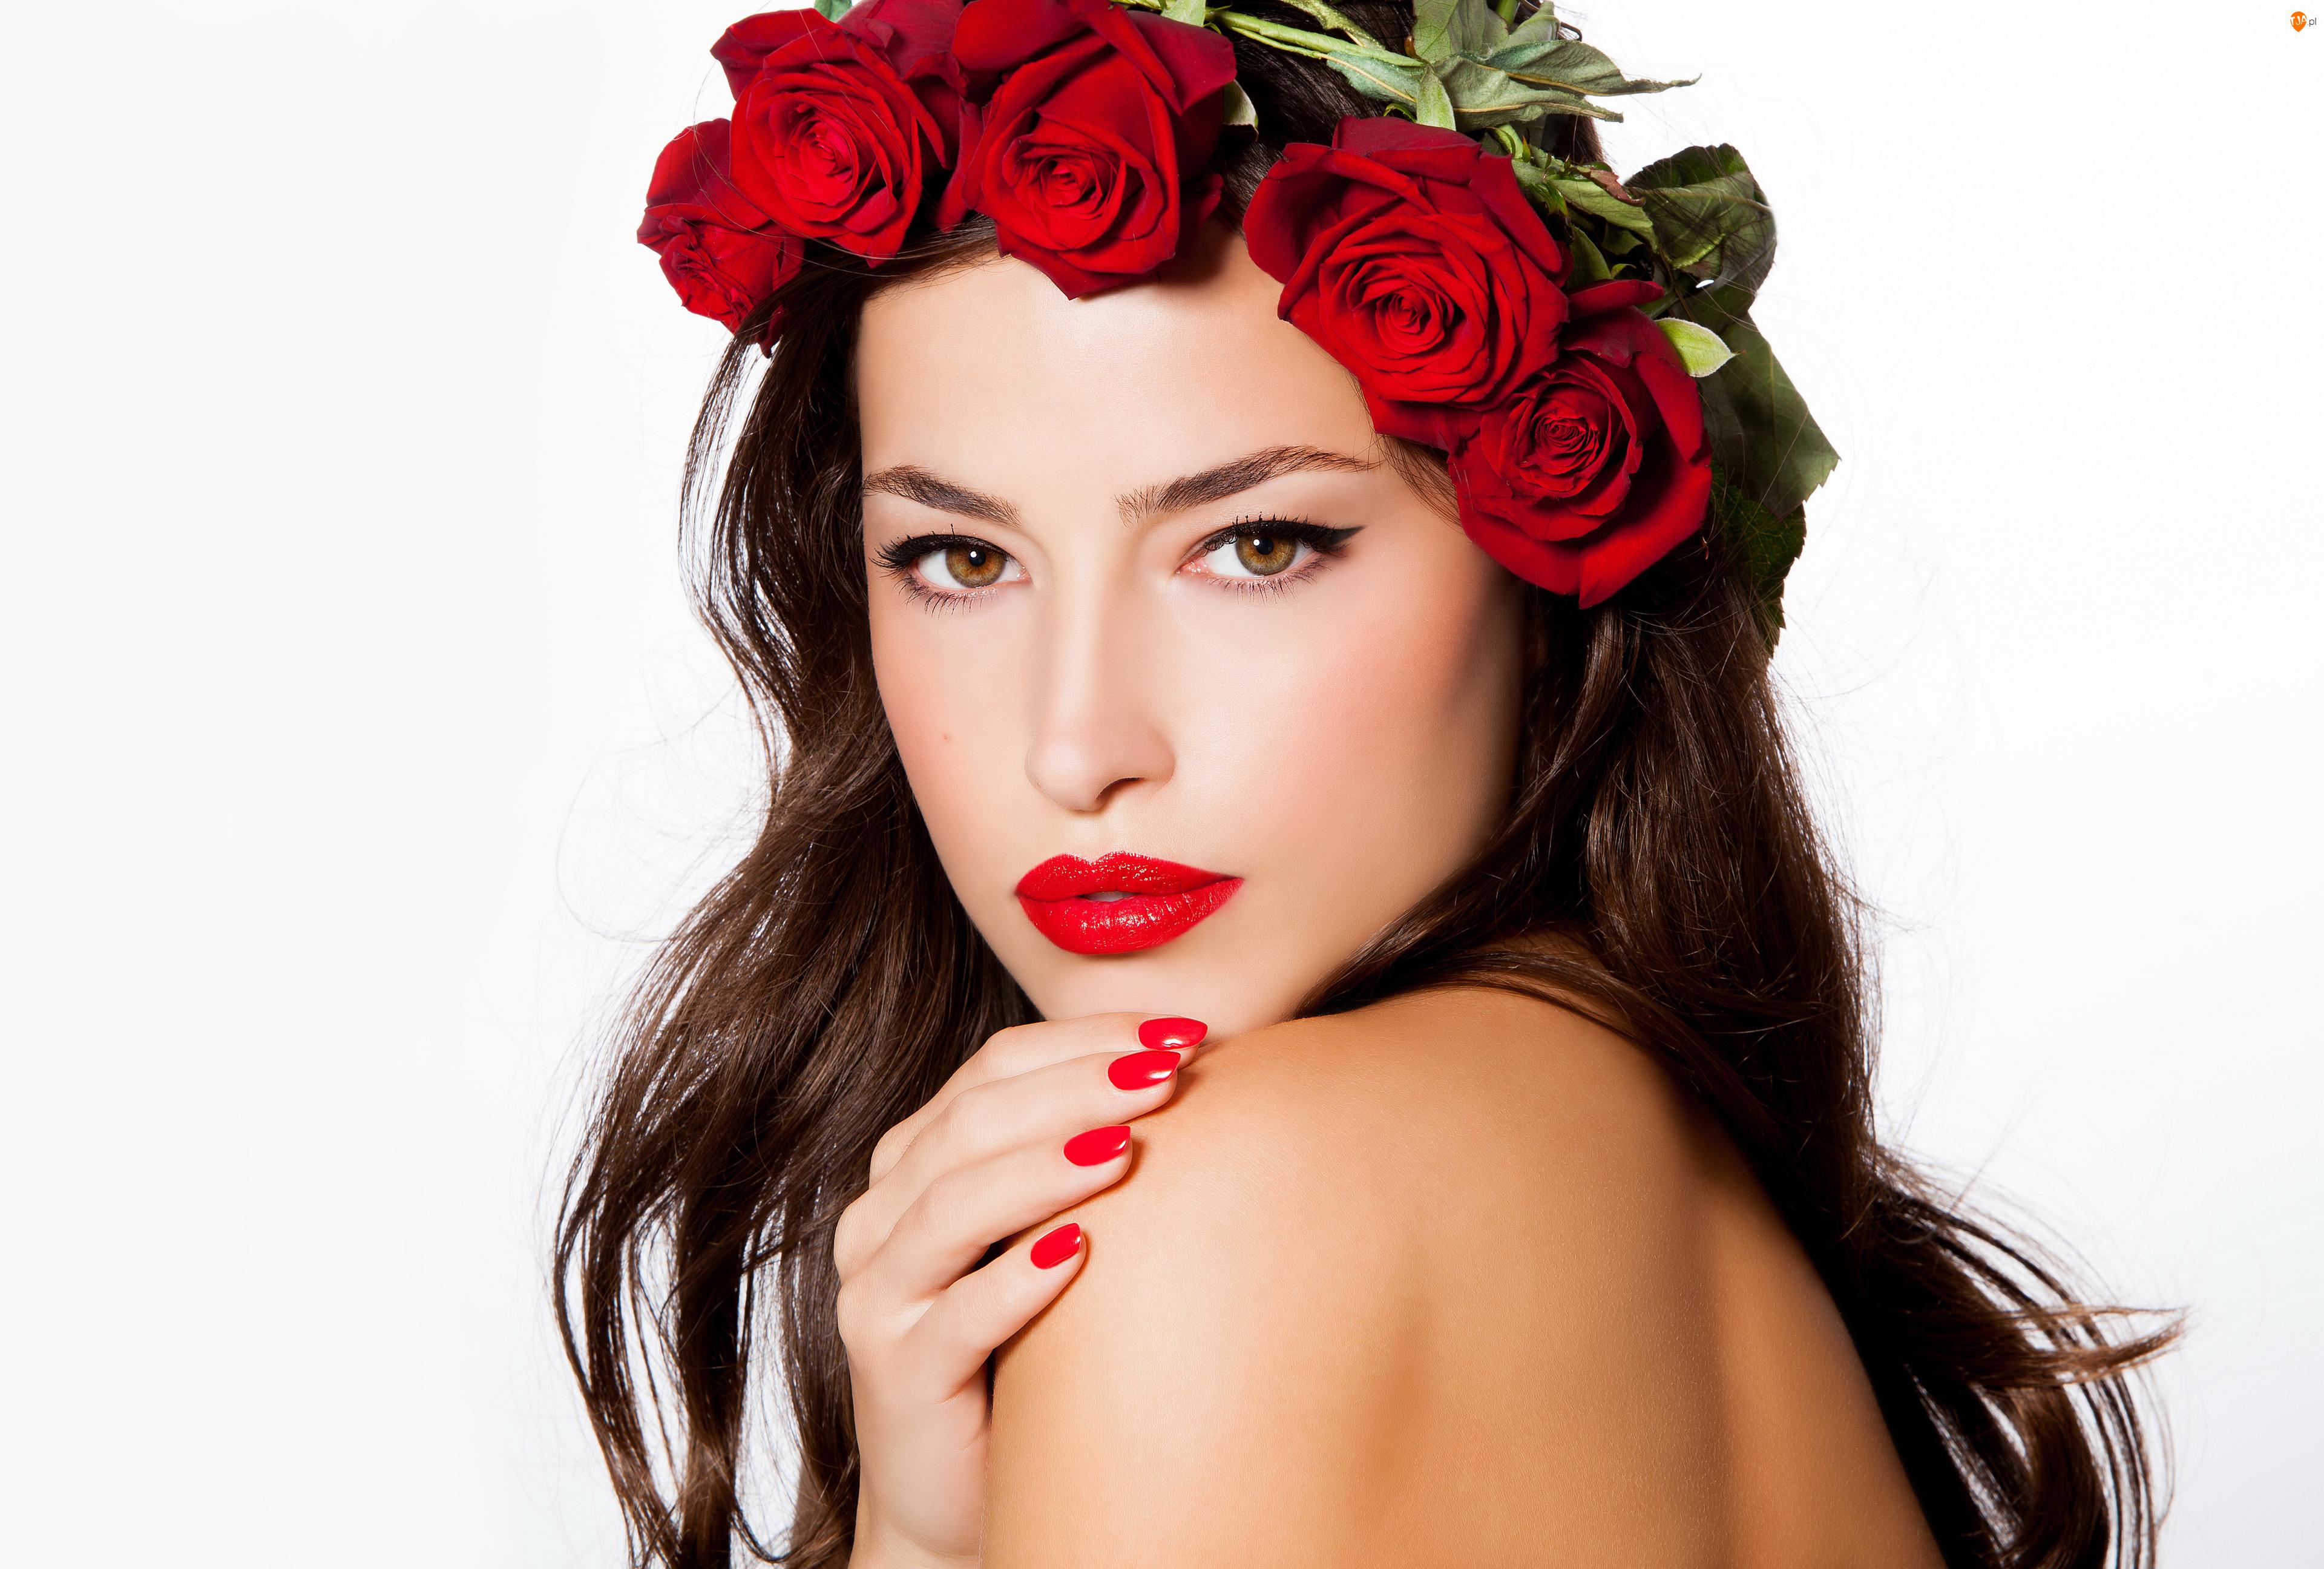 Szatynka, Kobieta, Wianek, Róże, Makijaż, Czerwone